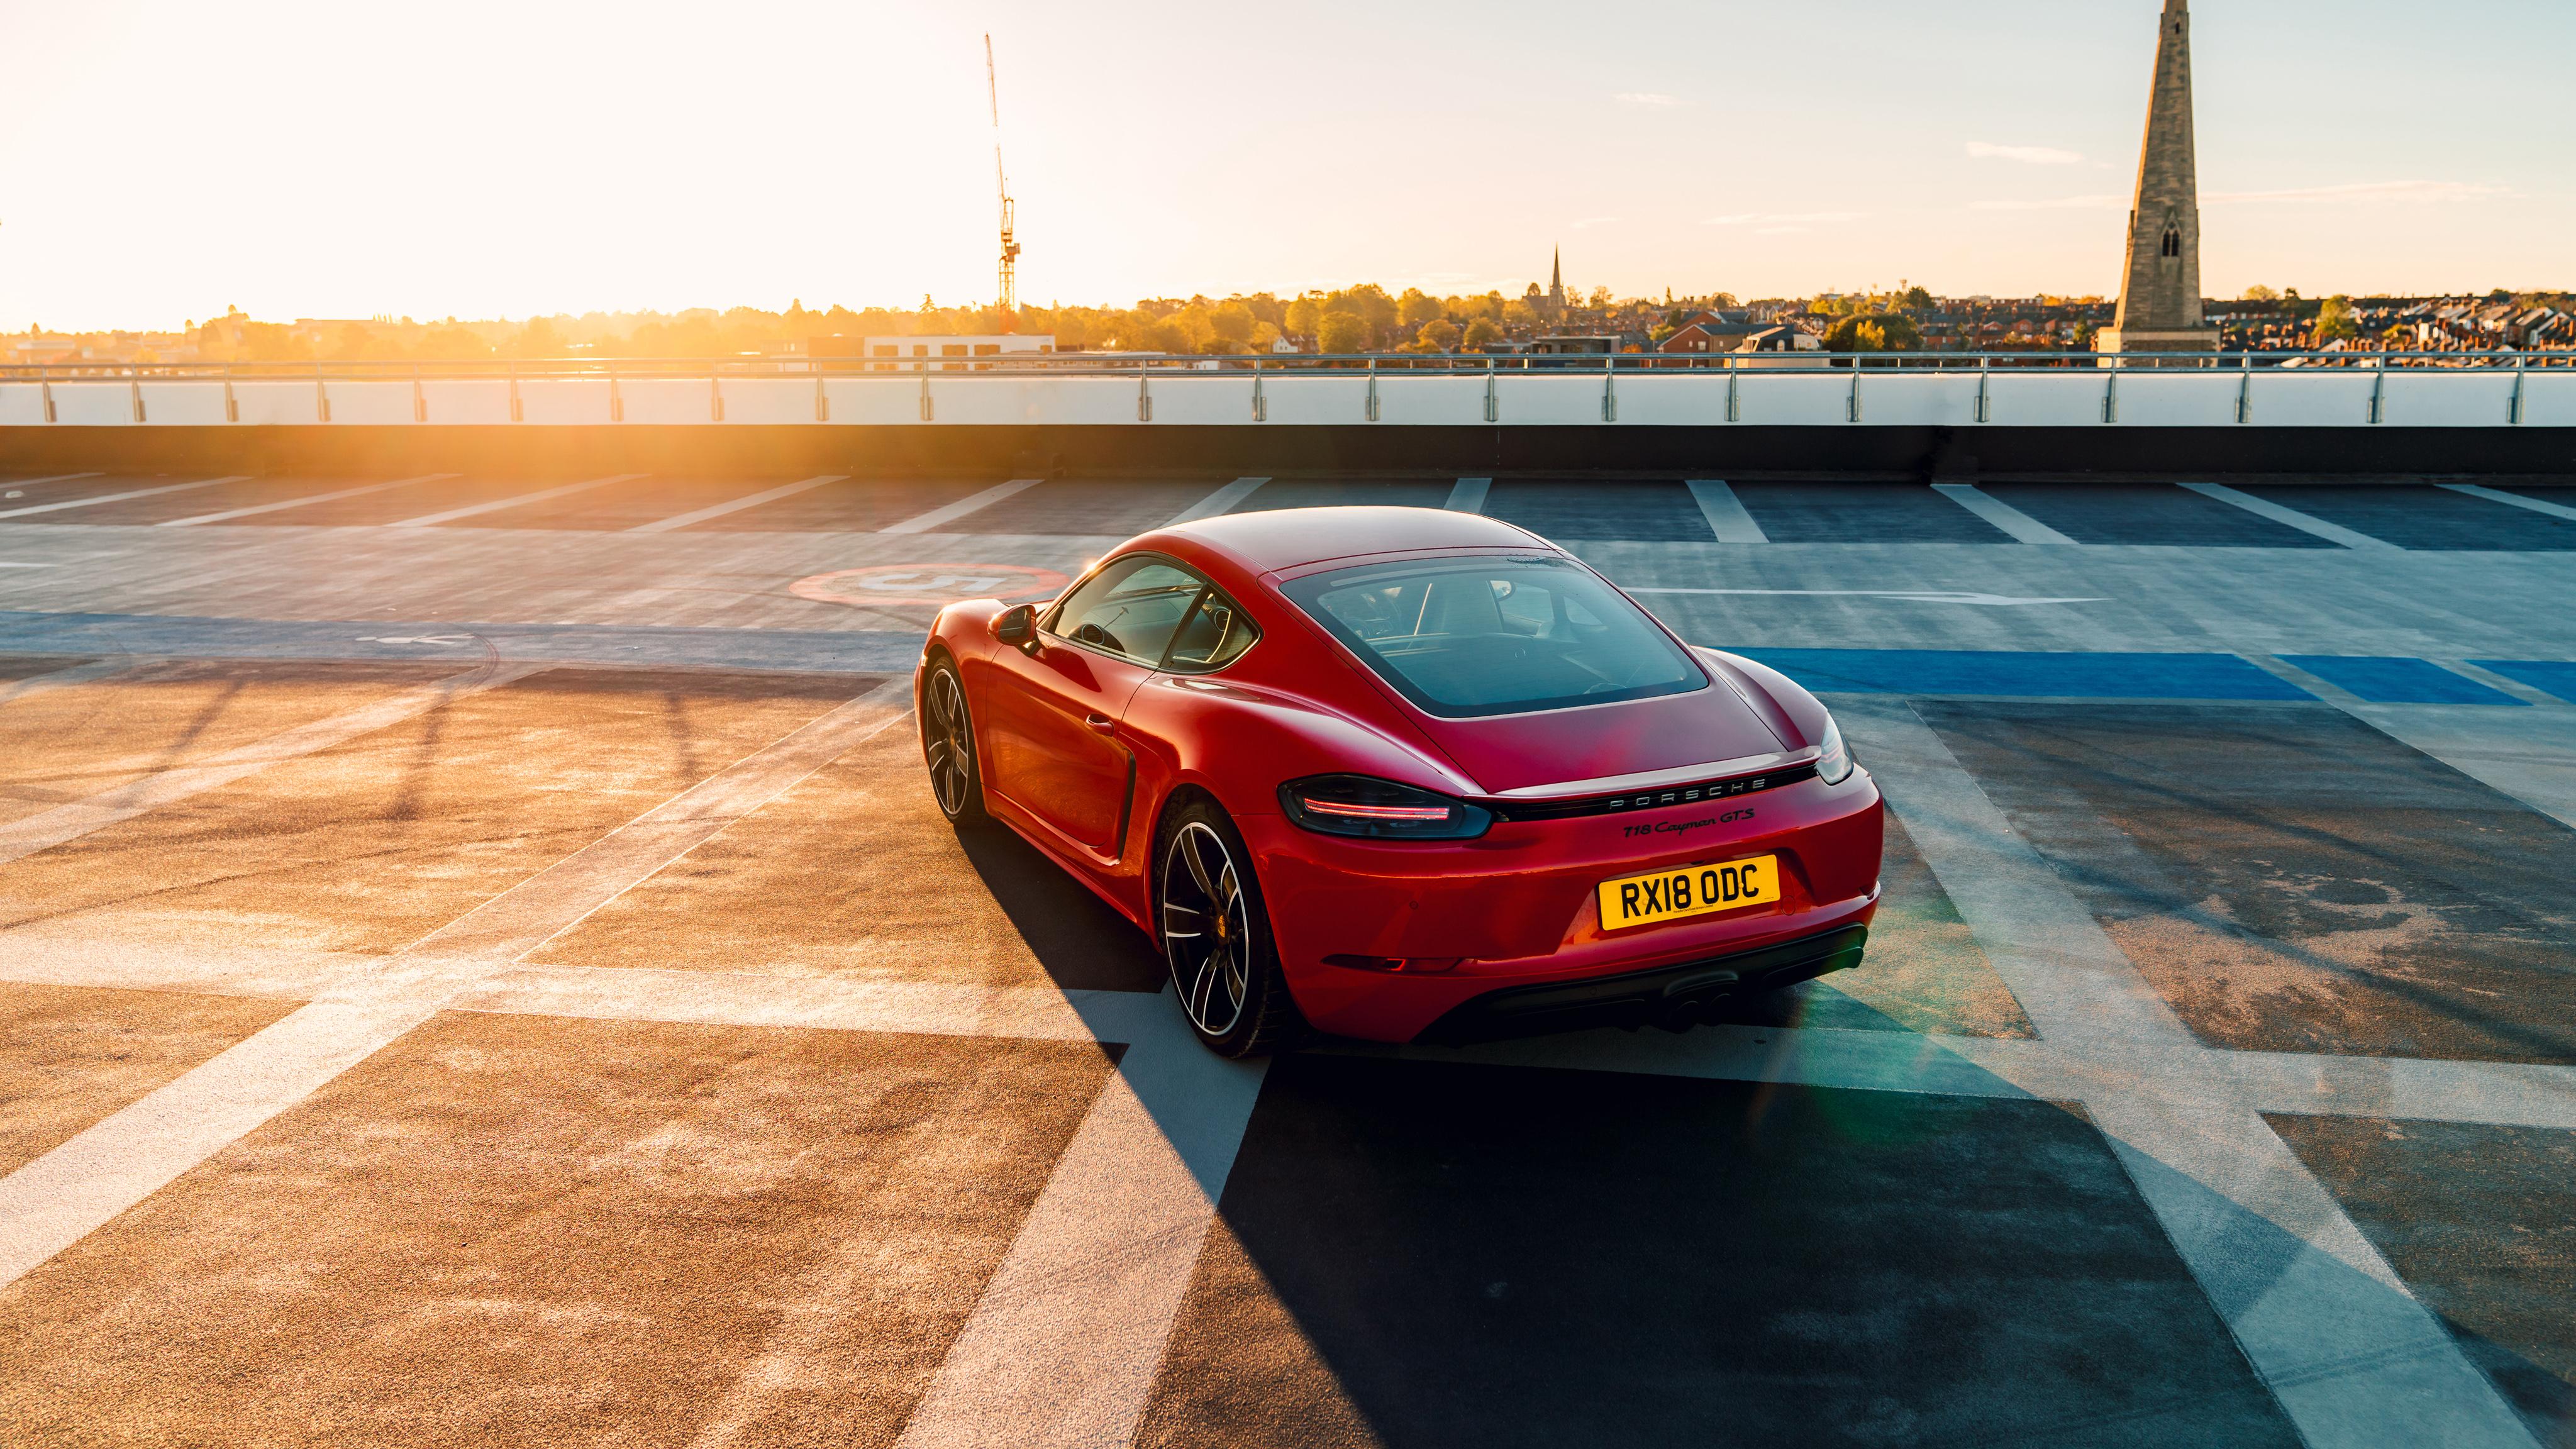 Porsche 718 Cayman Gts 2019 4k 2 Wallpaper Hd Car Wallpapers Id 11619